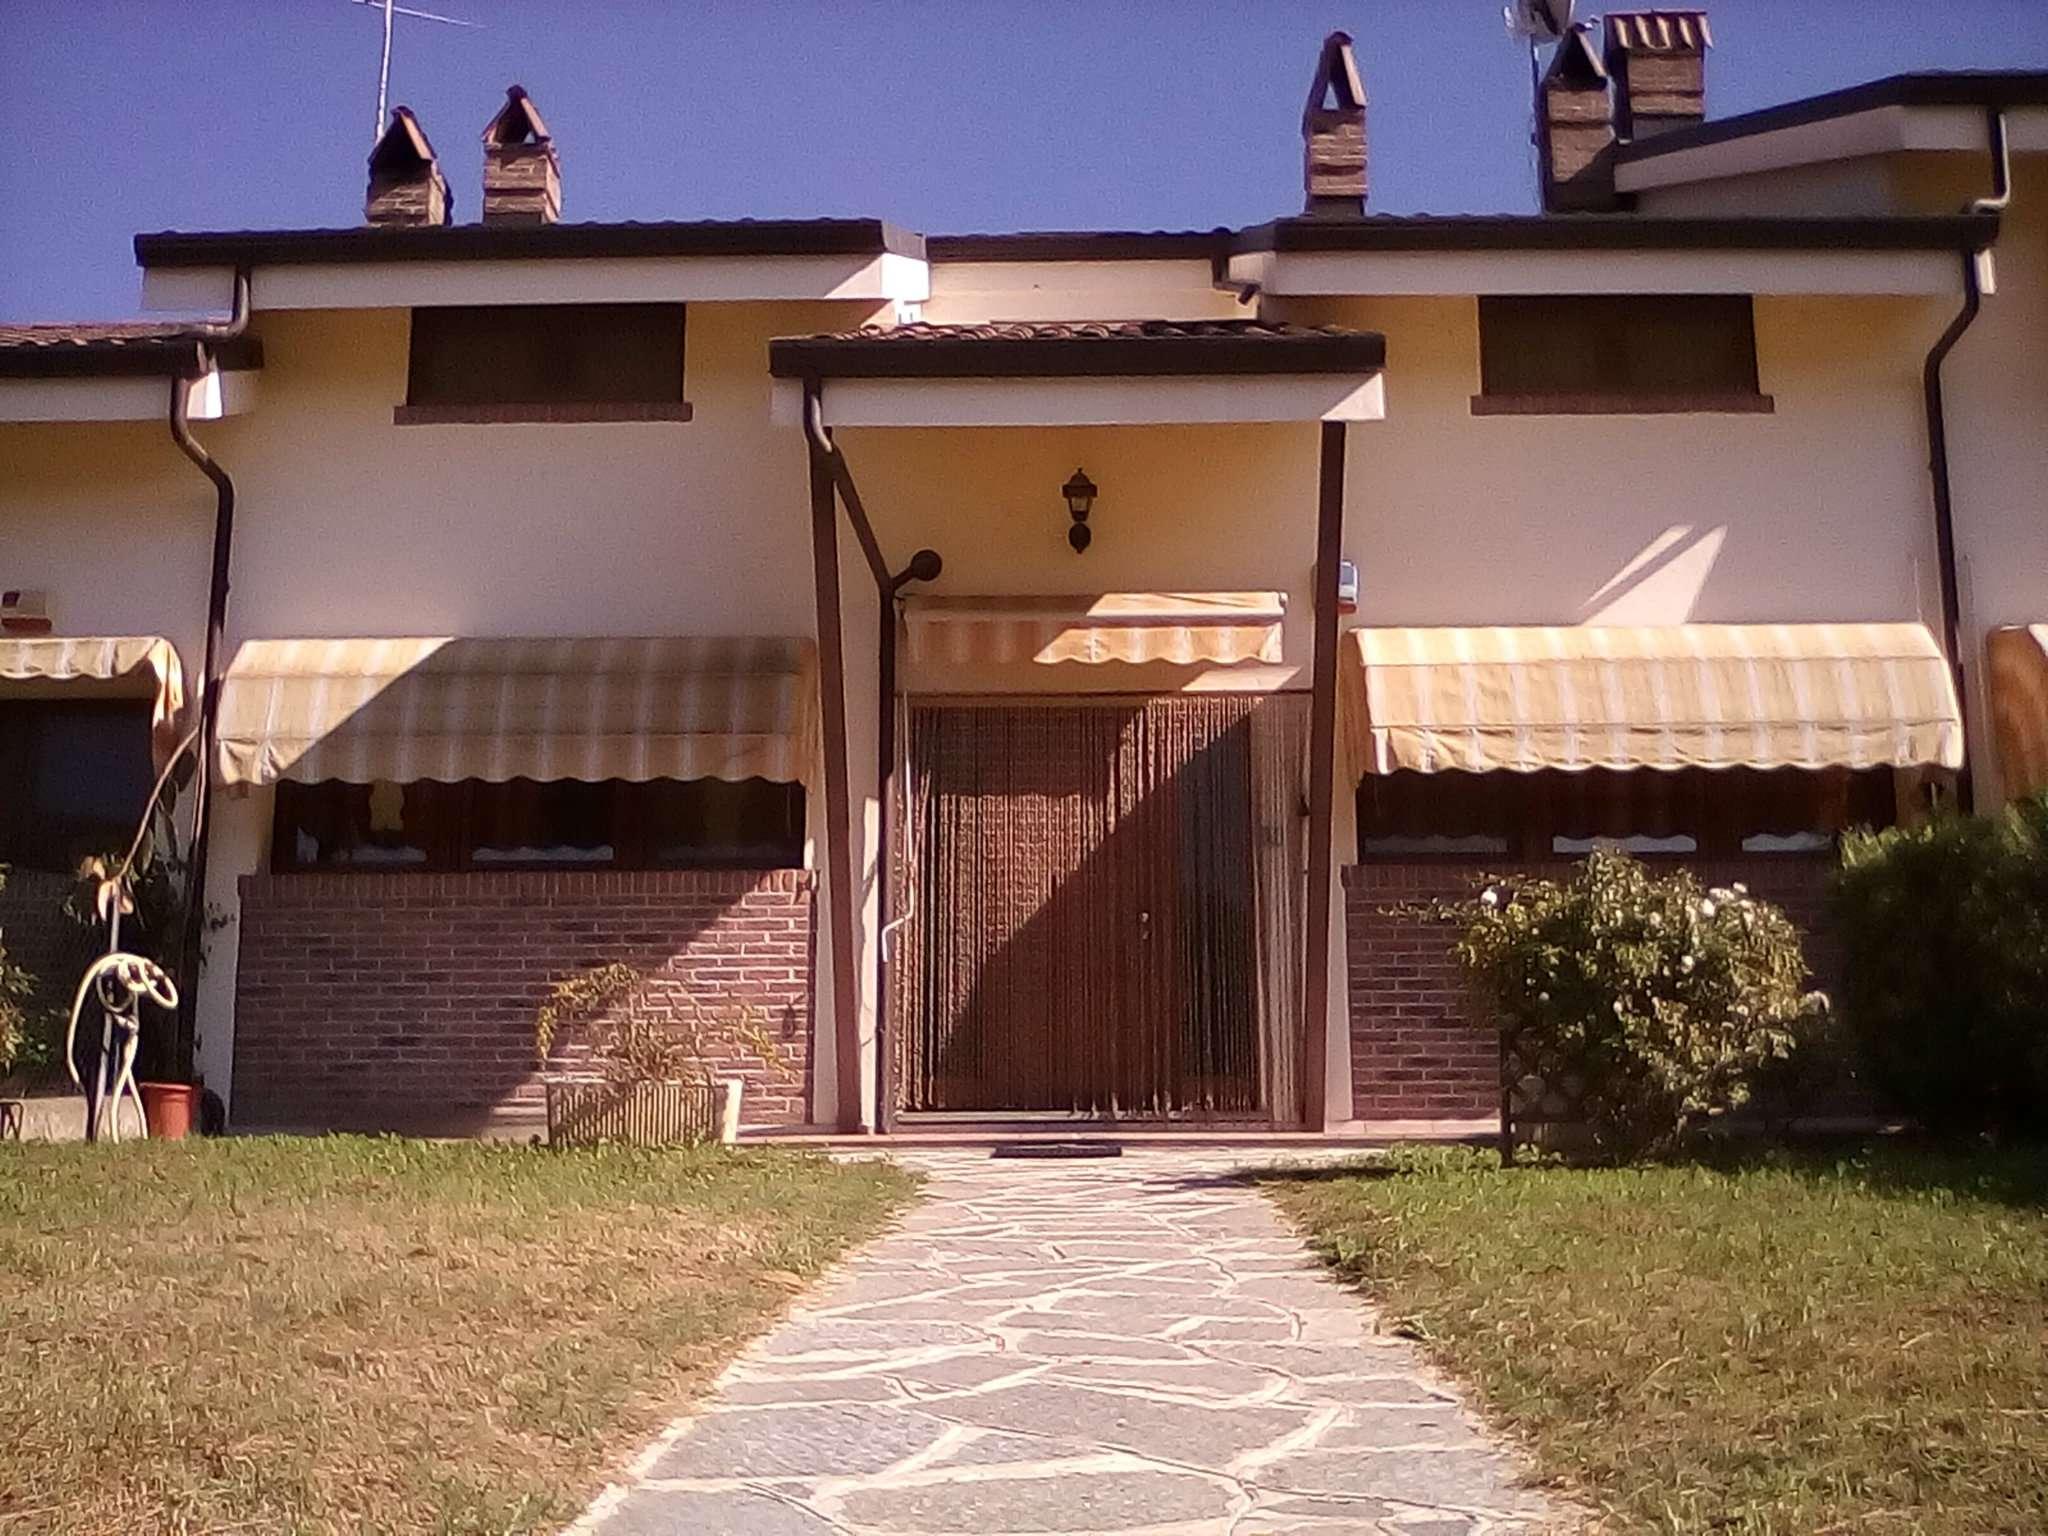 Casa zona castelnuovo don bosco in vendita waa2 for Casa di 700 metri quadrati in vendita